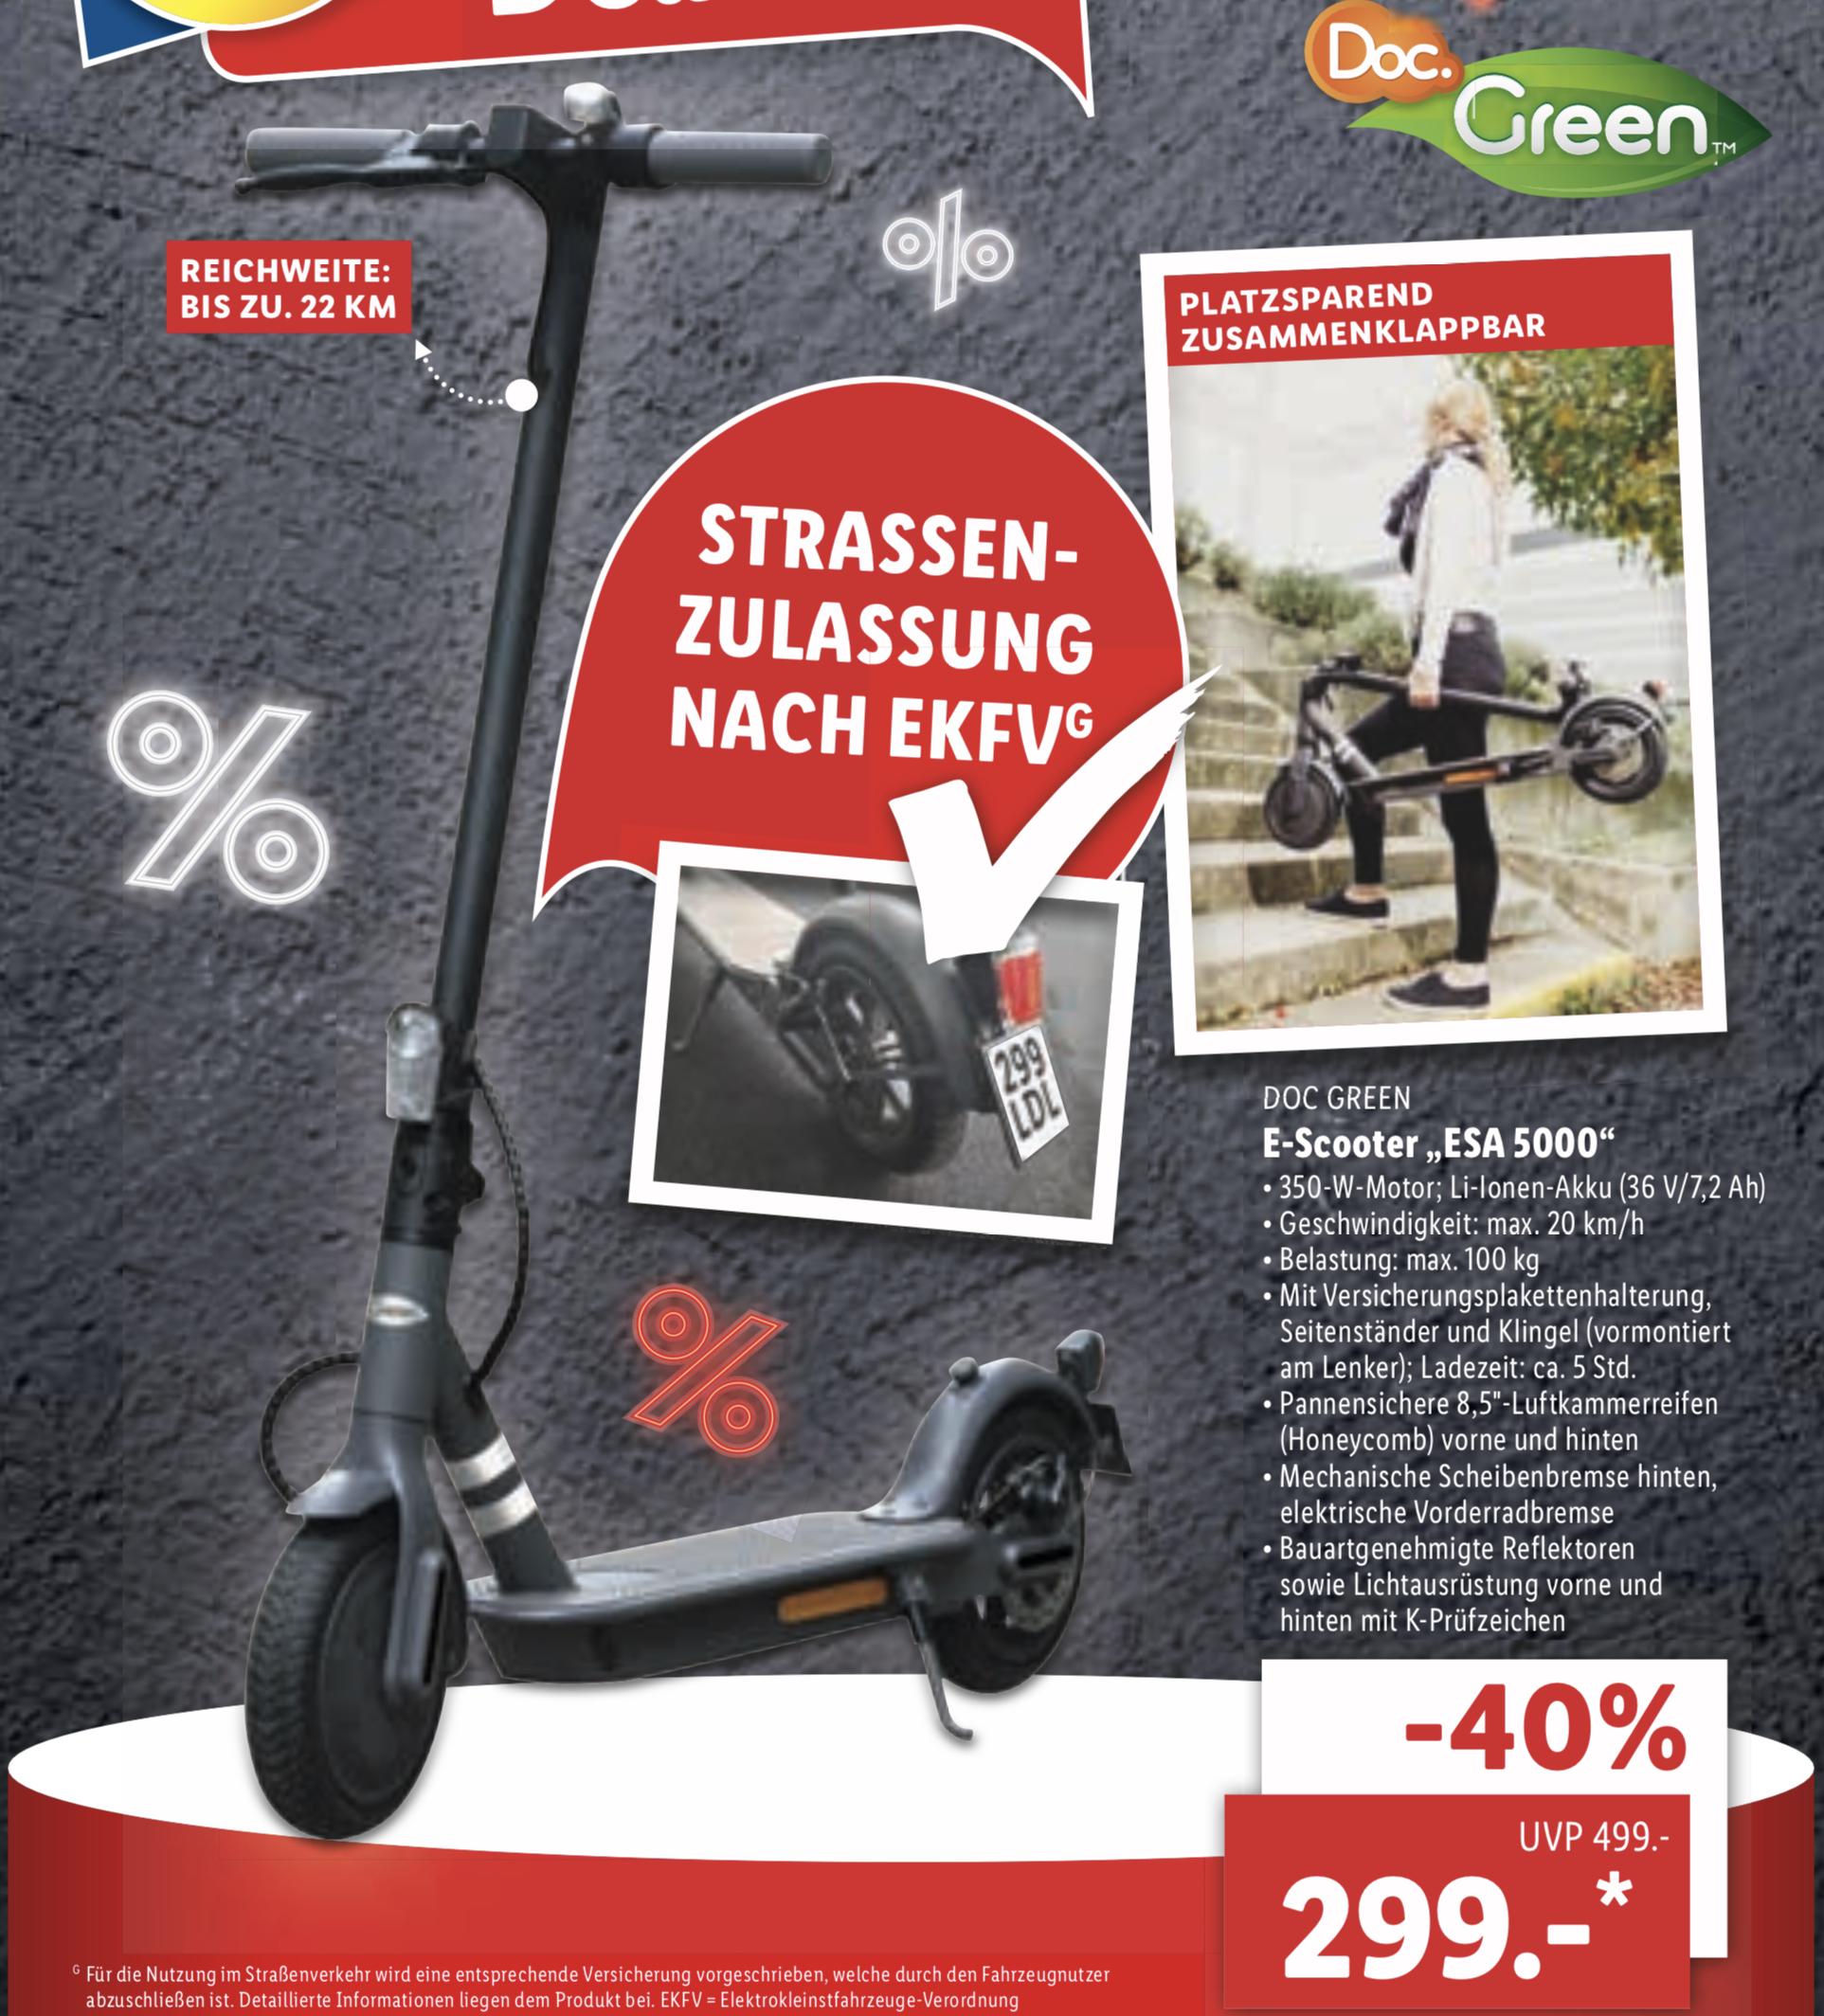 Lidl: E-Scooter Doc Green ESA 5000 - MIT Straßenzulassung! für 299€ - nur noch offline in den Filialen!